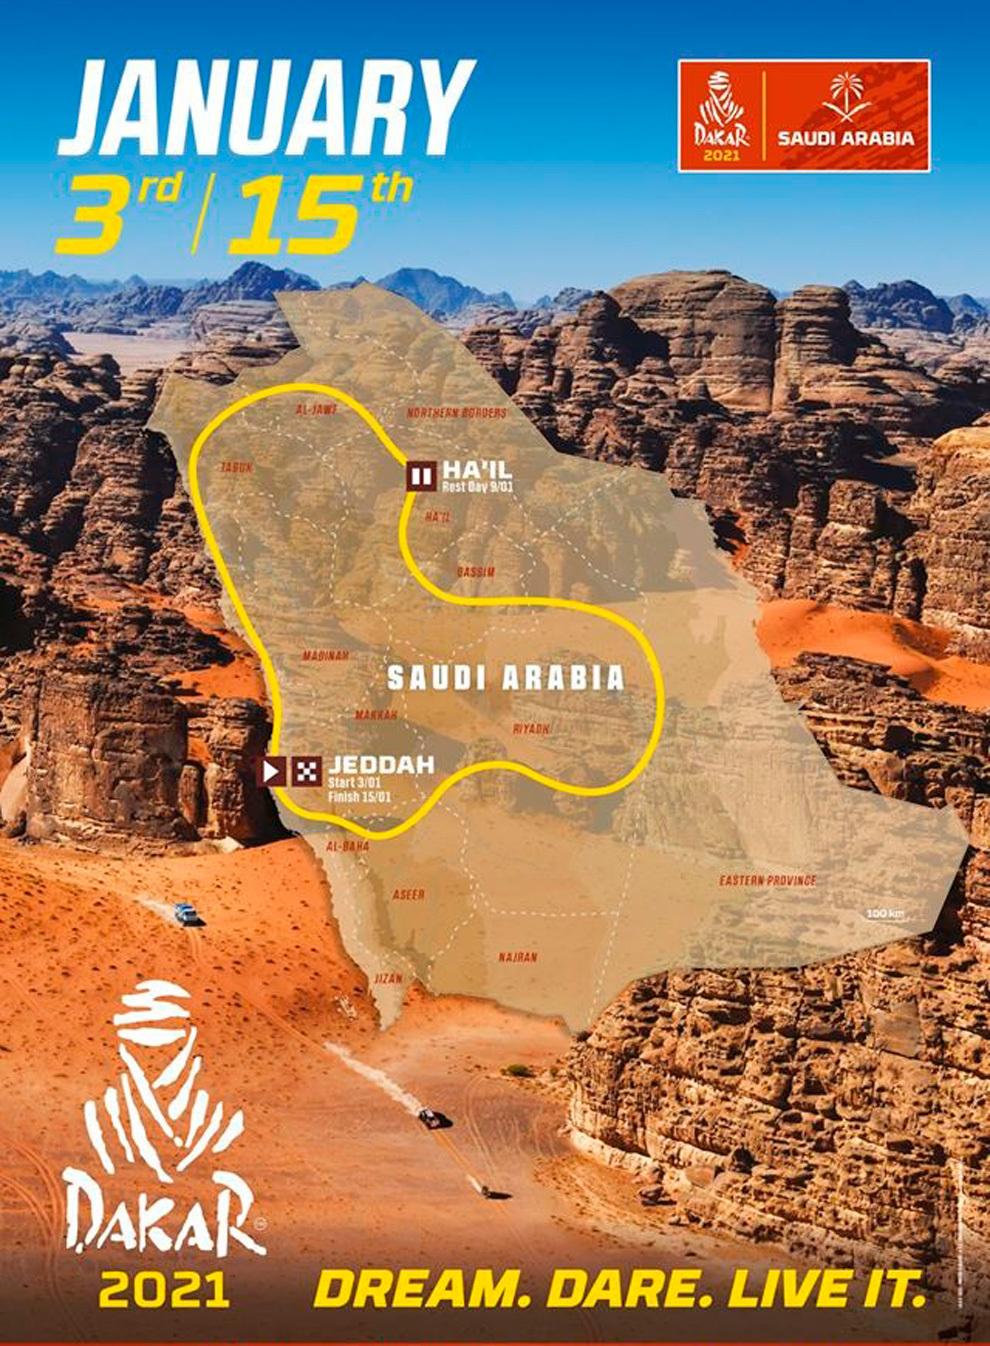 2021 43º Rallye Raid Dakar - Arabia Saudí [3-15 Enero] 15918752164274